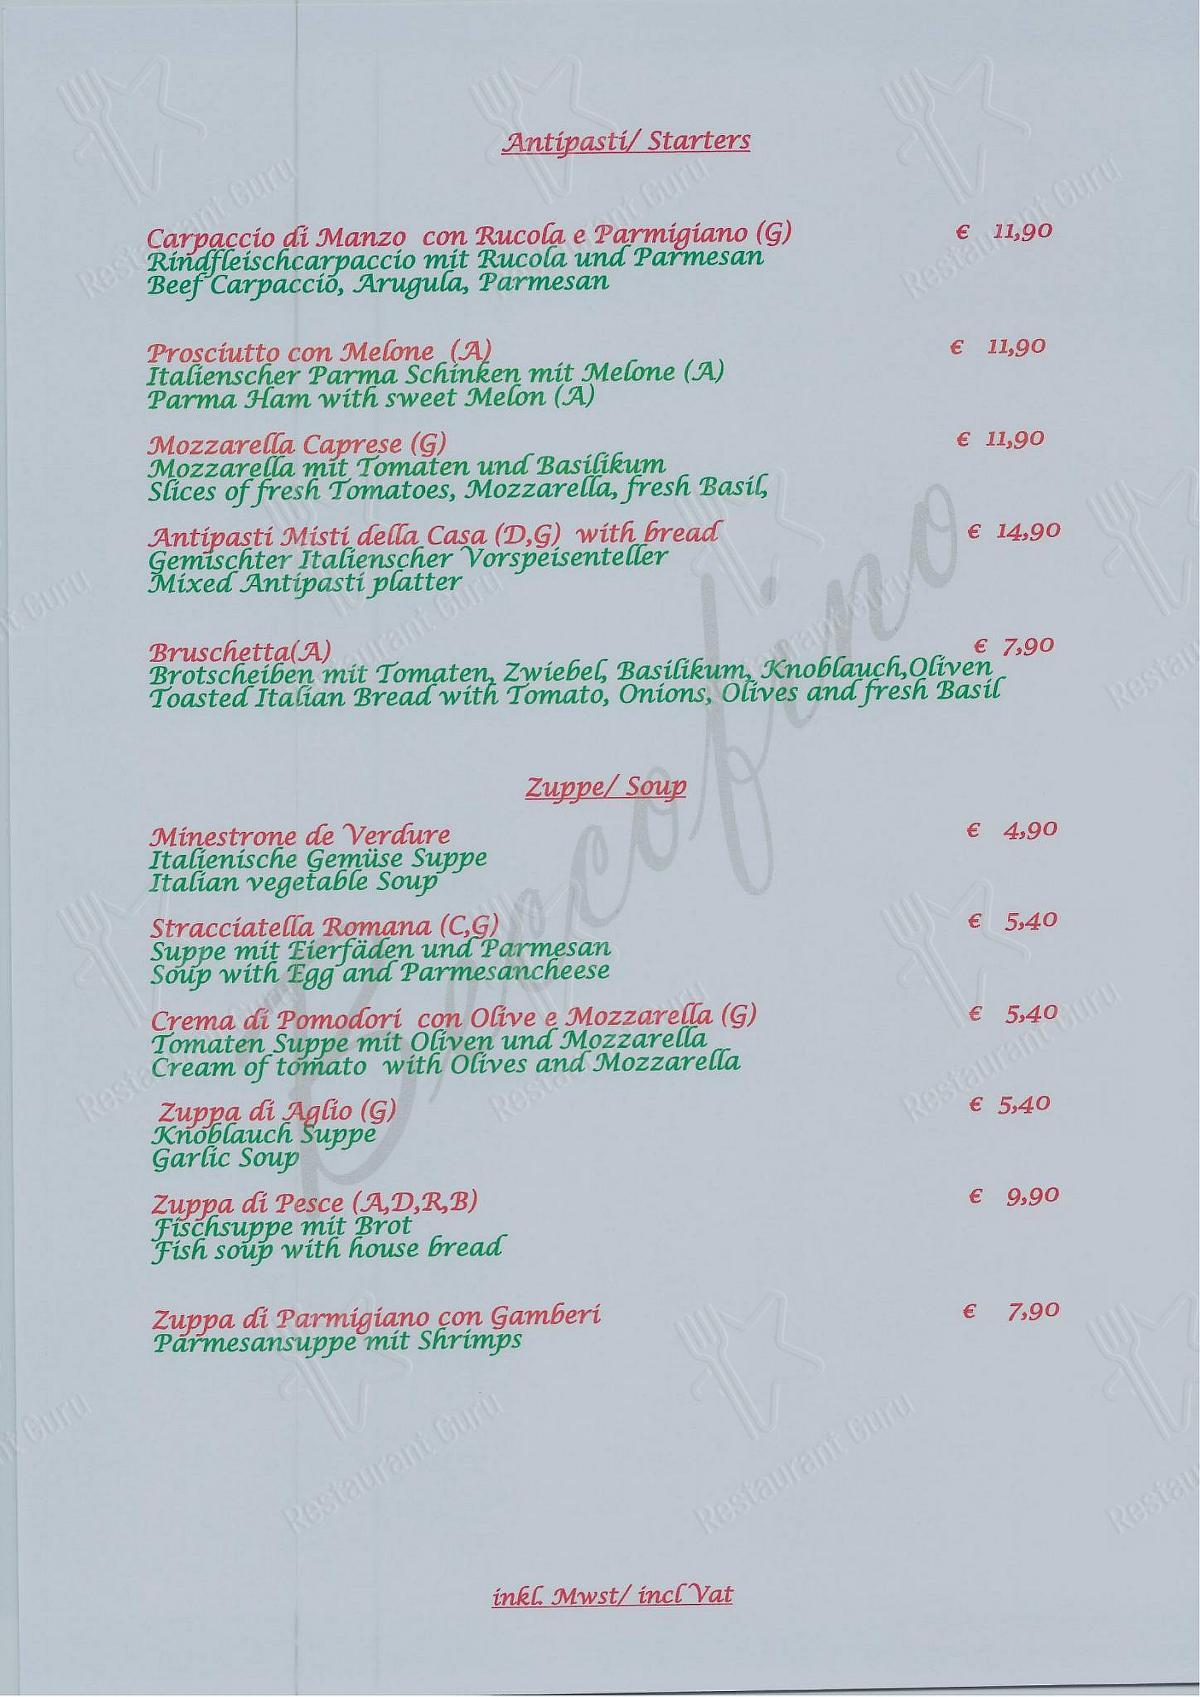 Ristorante Beccofino menu - dishes and beverages